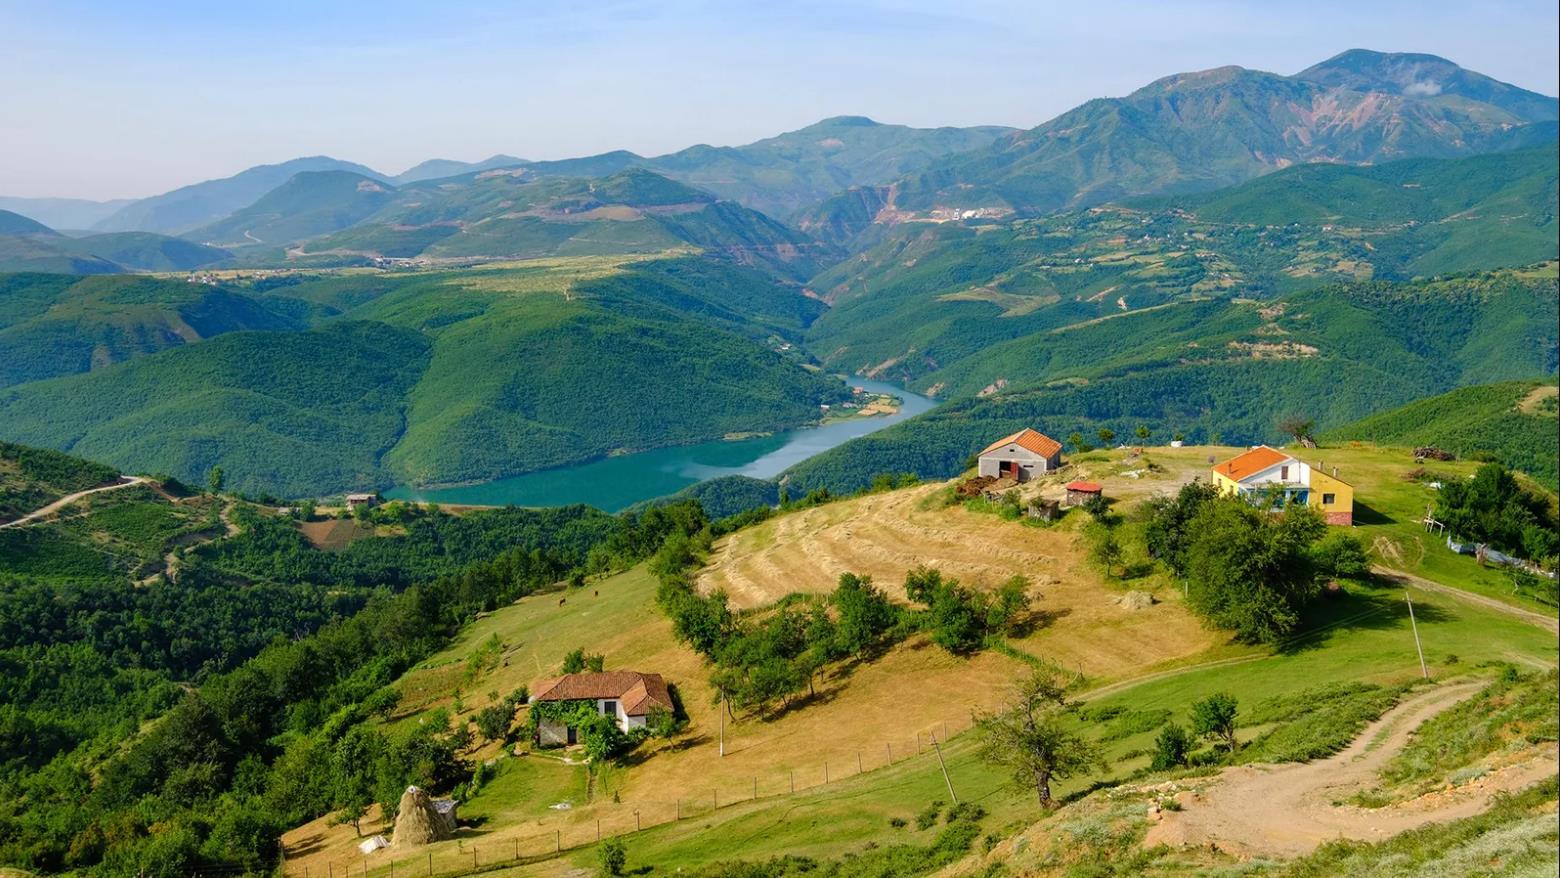 FOTO/ BBC Travel reportazh në Kukës: Bimët e maleve shqiptare që na bëjnë të dukemi të rinj